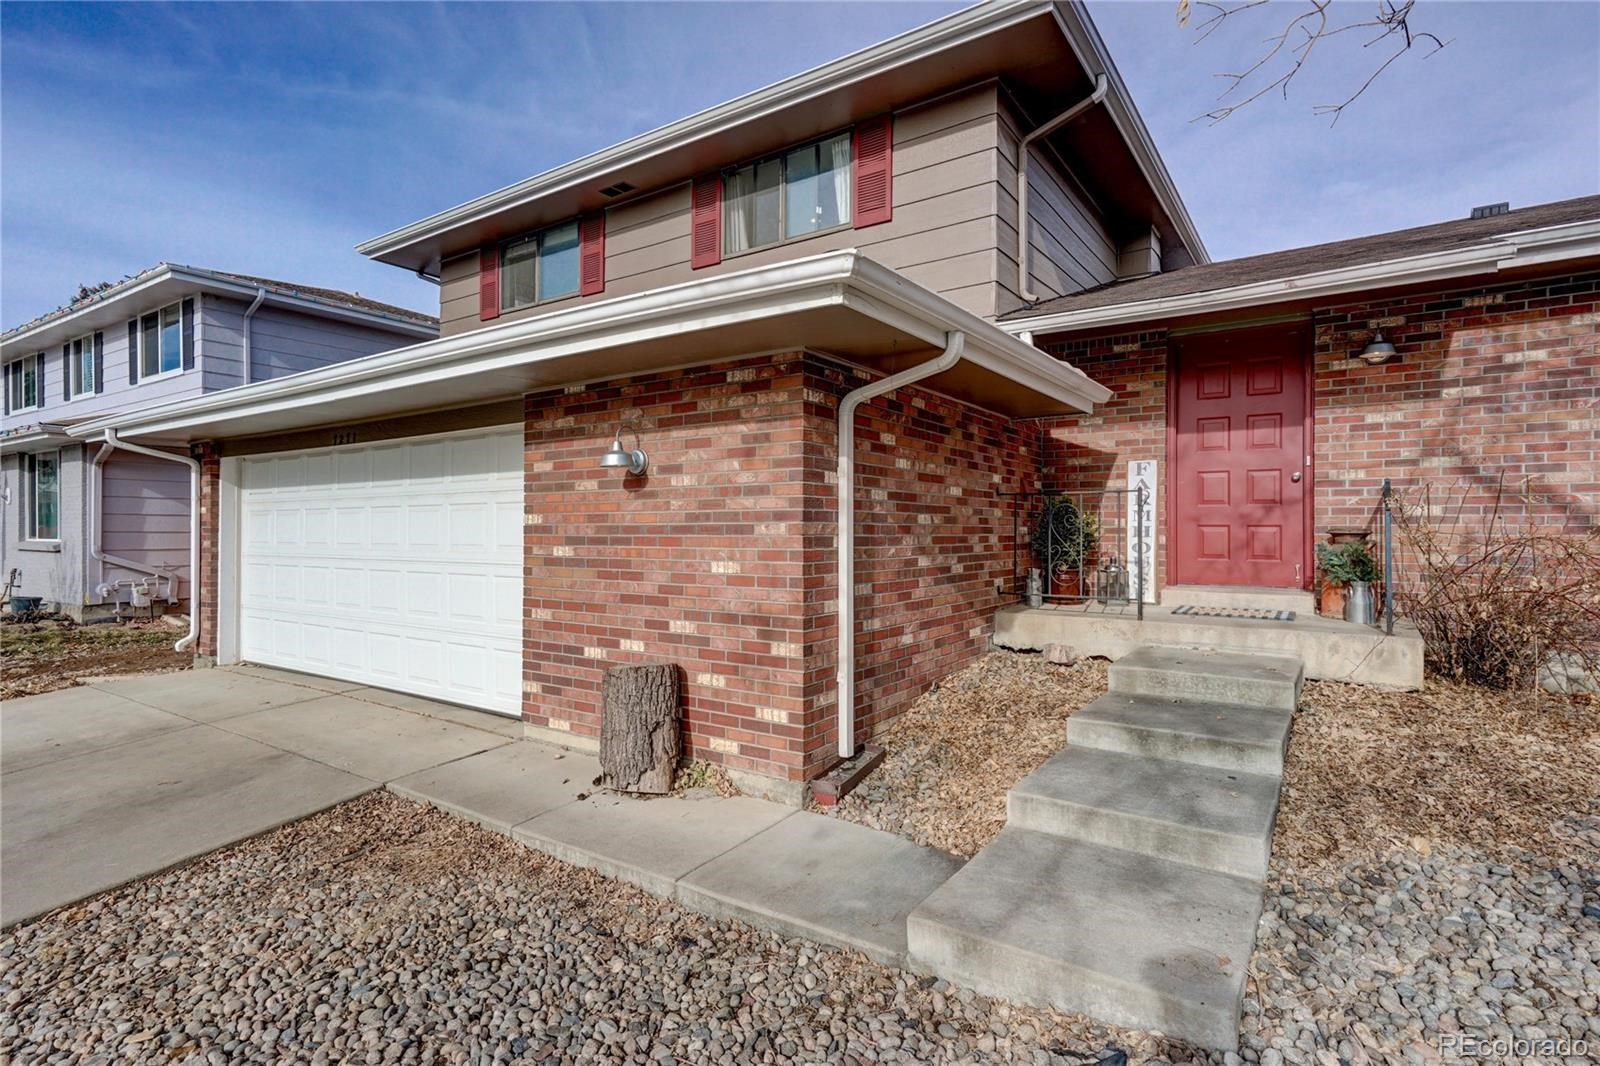 MLS# 1802926 - 4 - 7271 W Weaver Place, Littleton, CO 80123